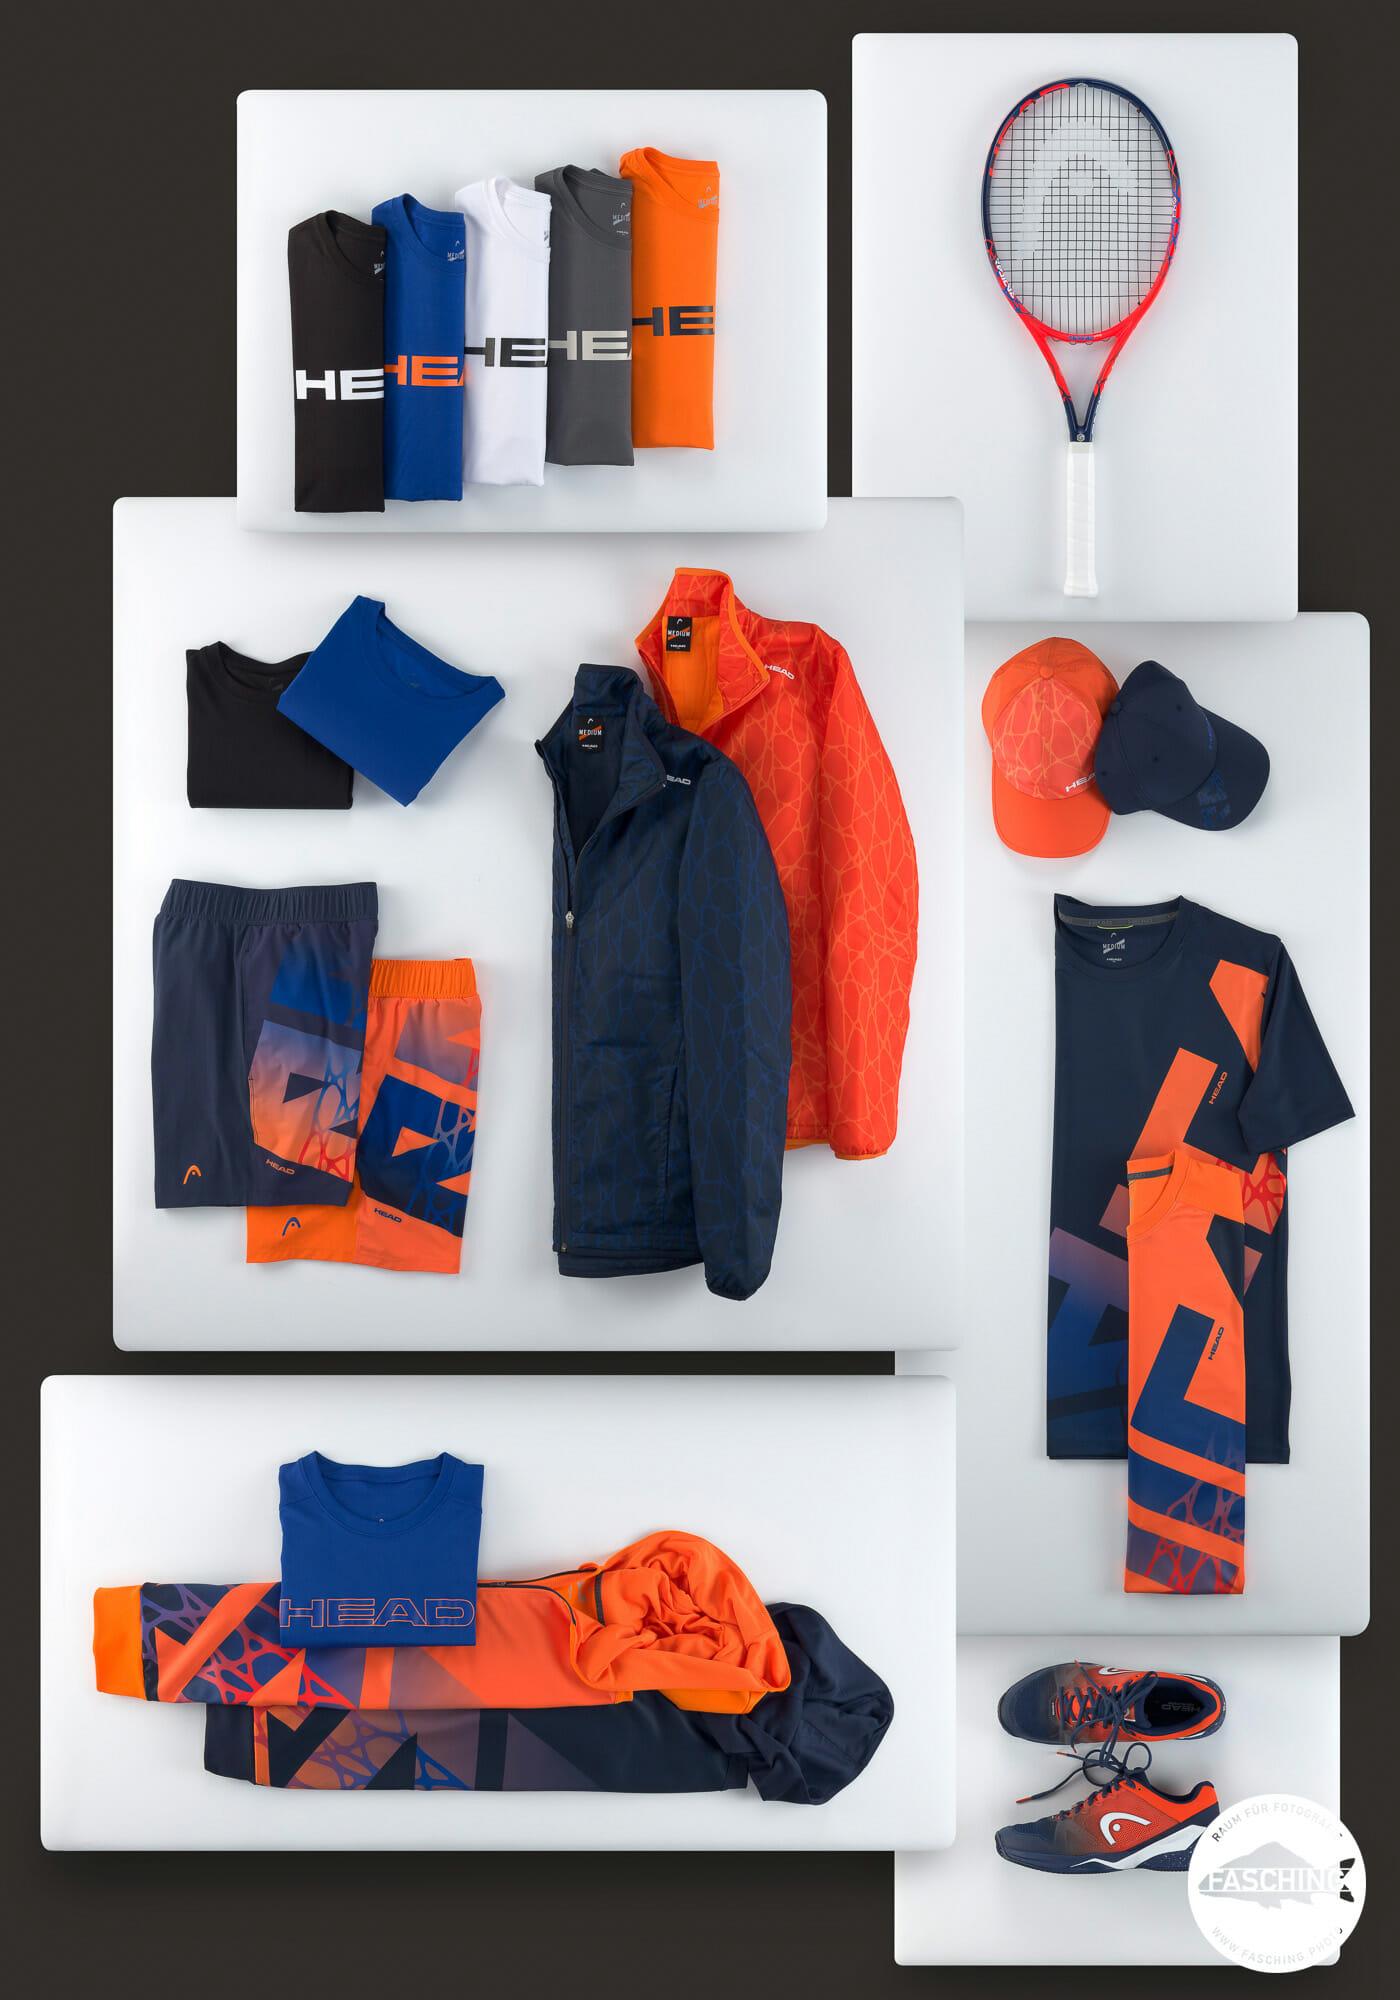 Für HEAD Sportswear haben unsere Produktfotografen die Sommerkollektion 2019 im Studio Fasching fotografiert